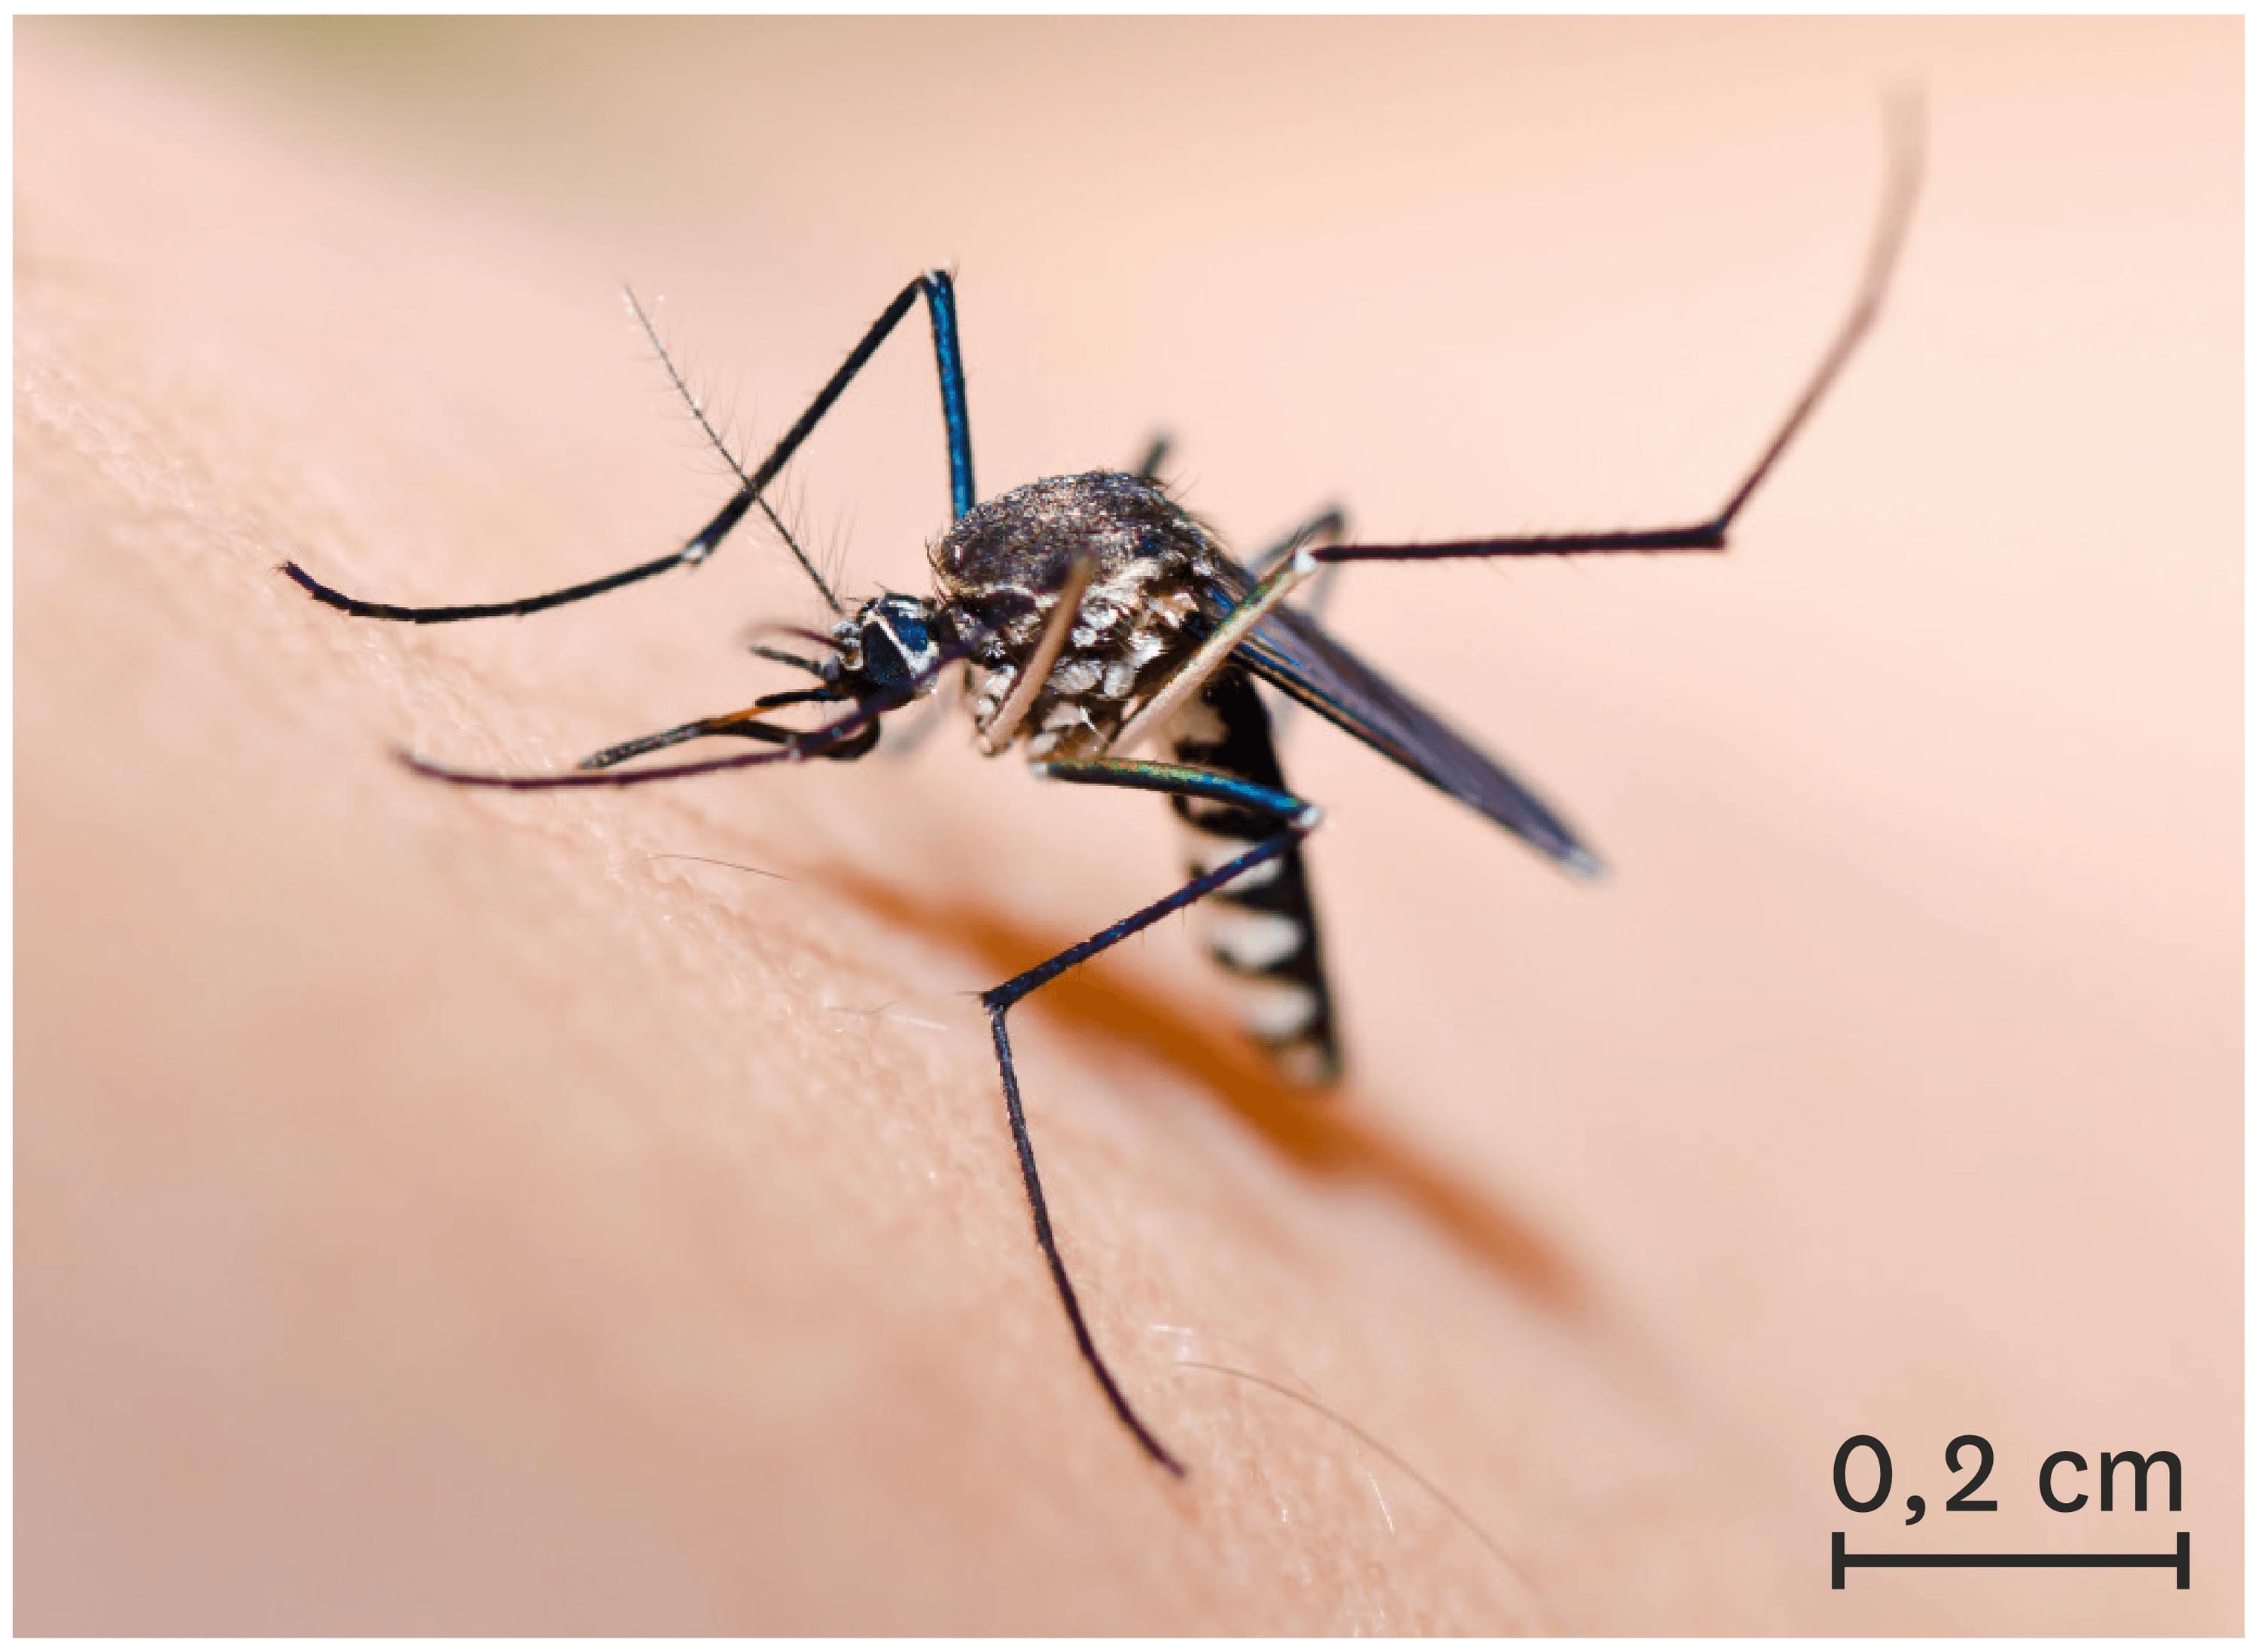 Le moustique tigre, une espèce invasive.